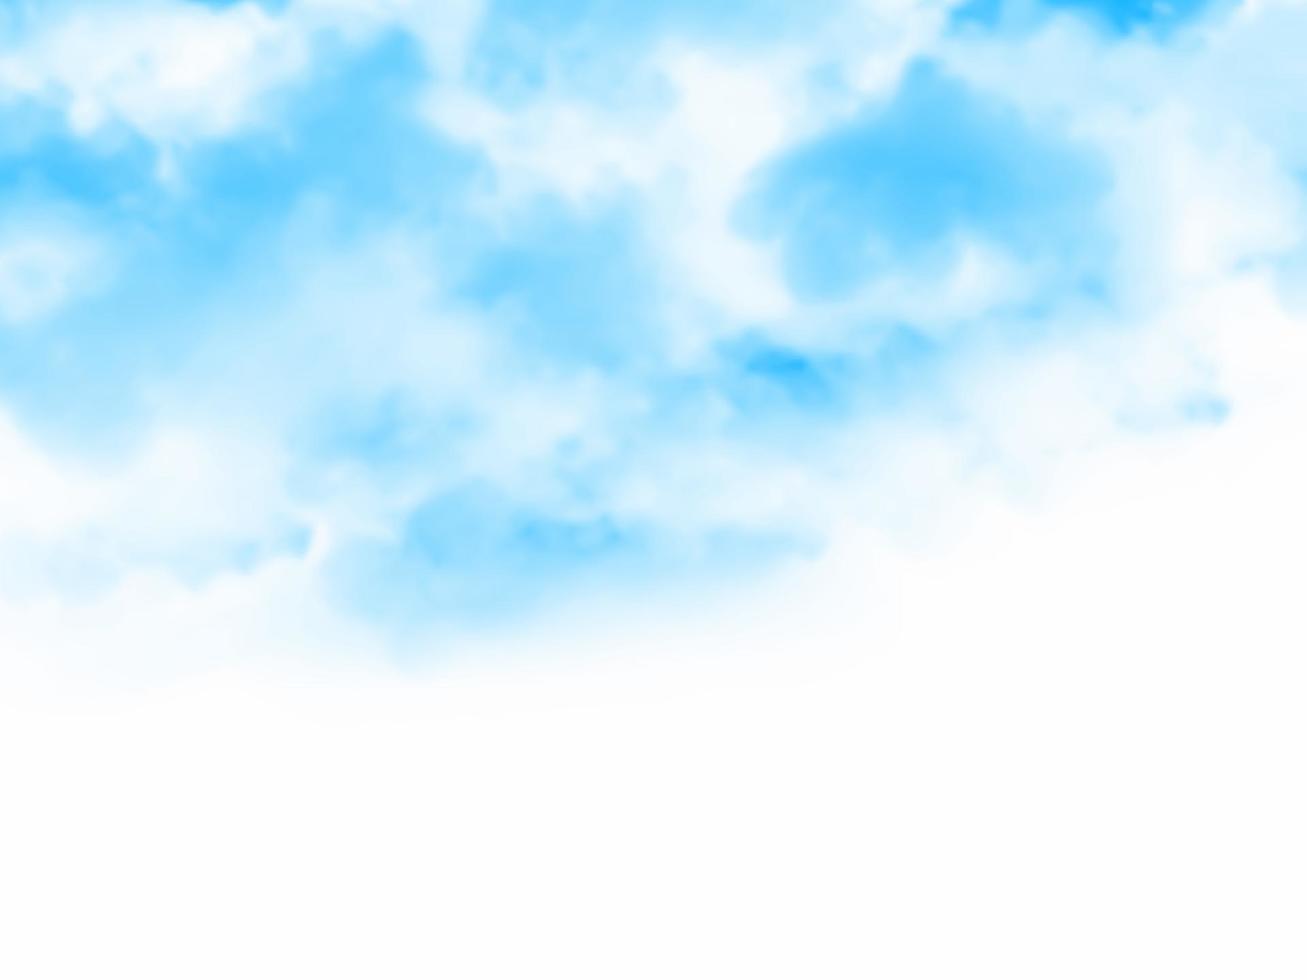 fond de ciel et nuage avec aquarelle vecteur